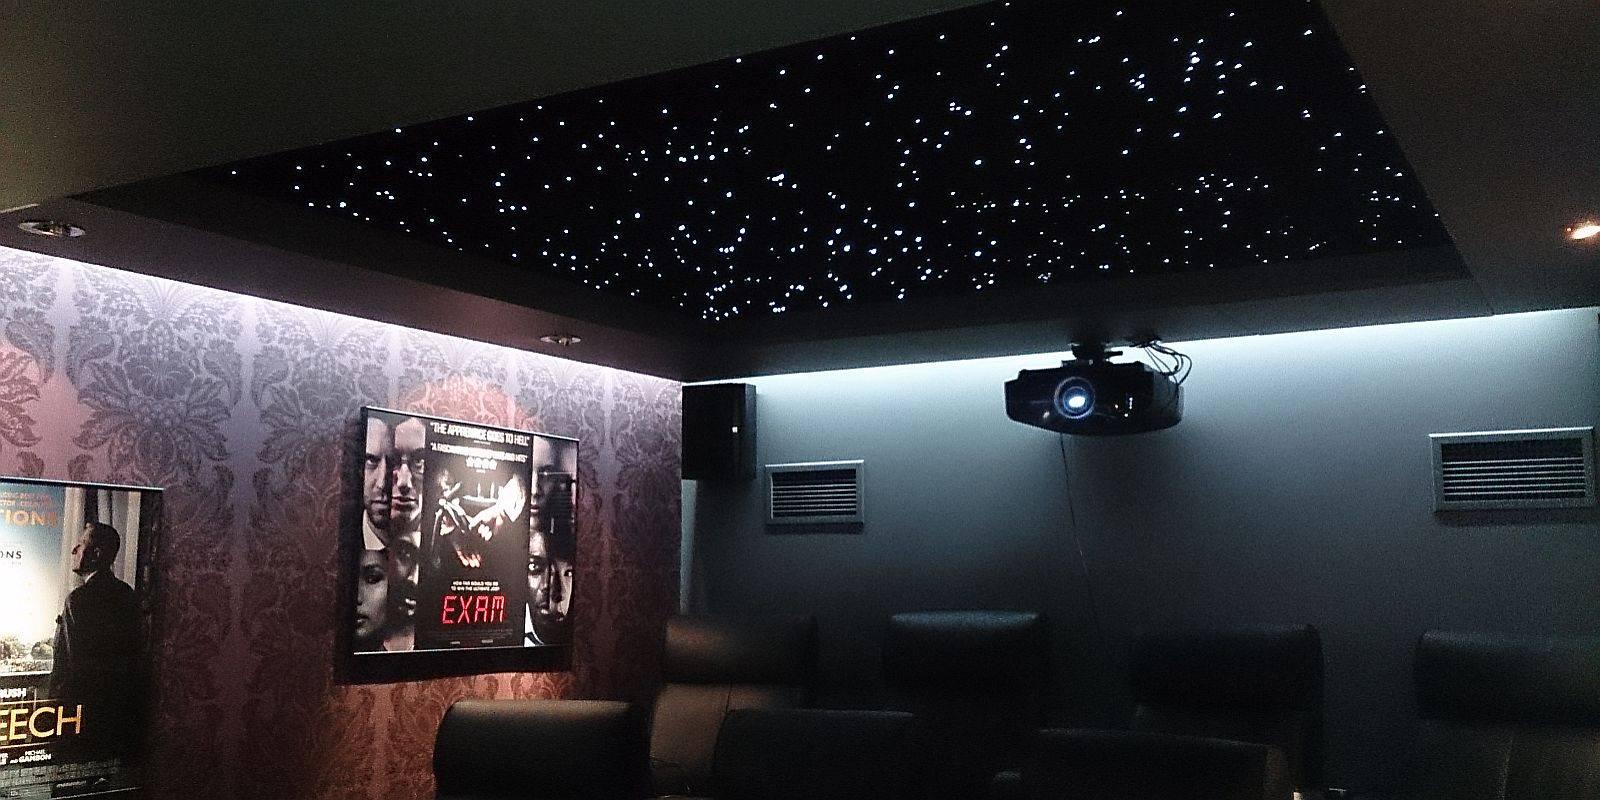 Как сделать потолок звездное небо с эффектом мерцания?